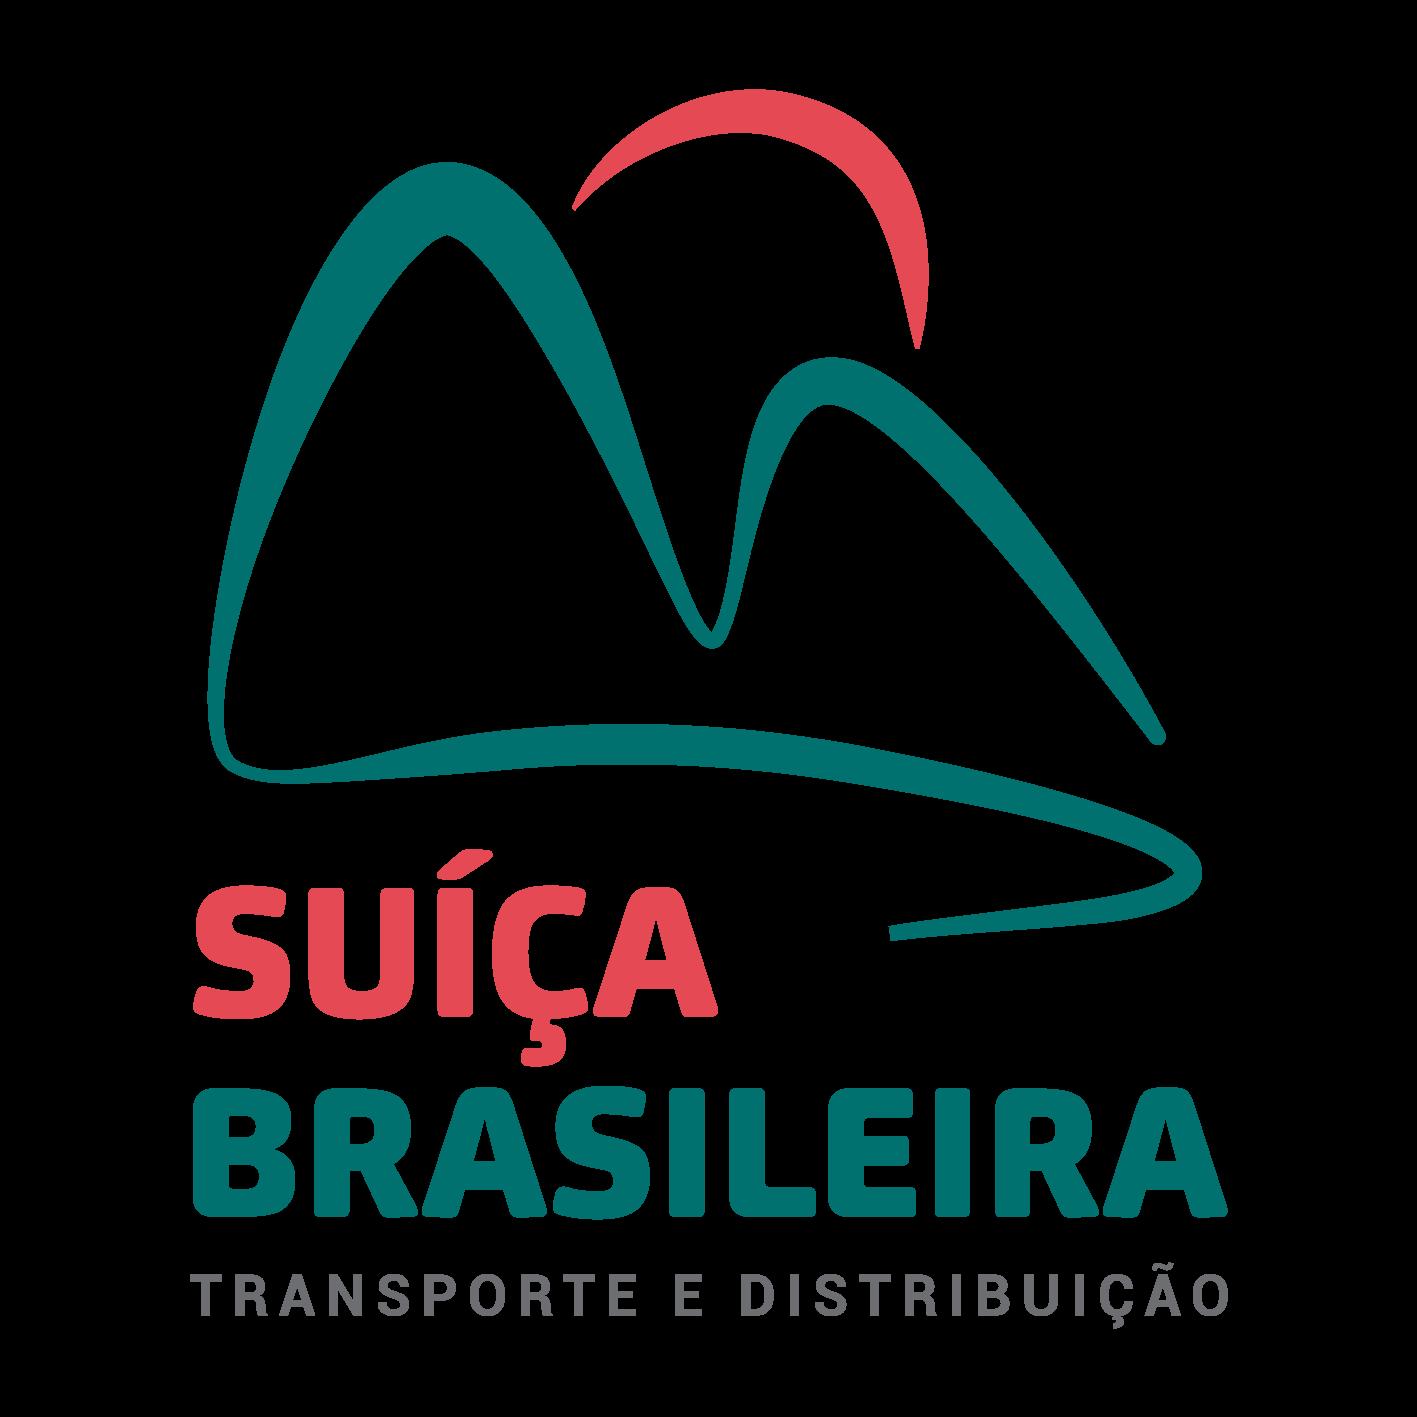 Suíça Brasileira